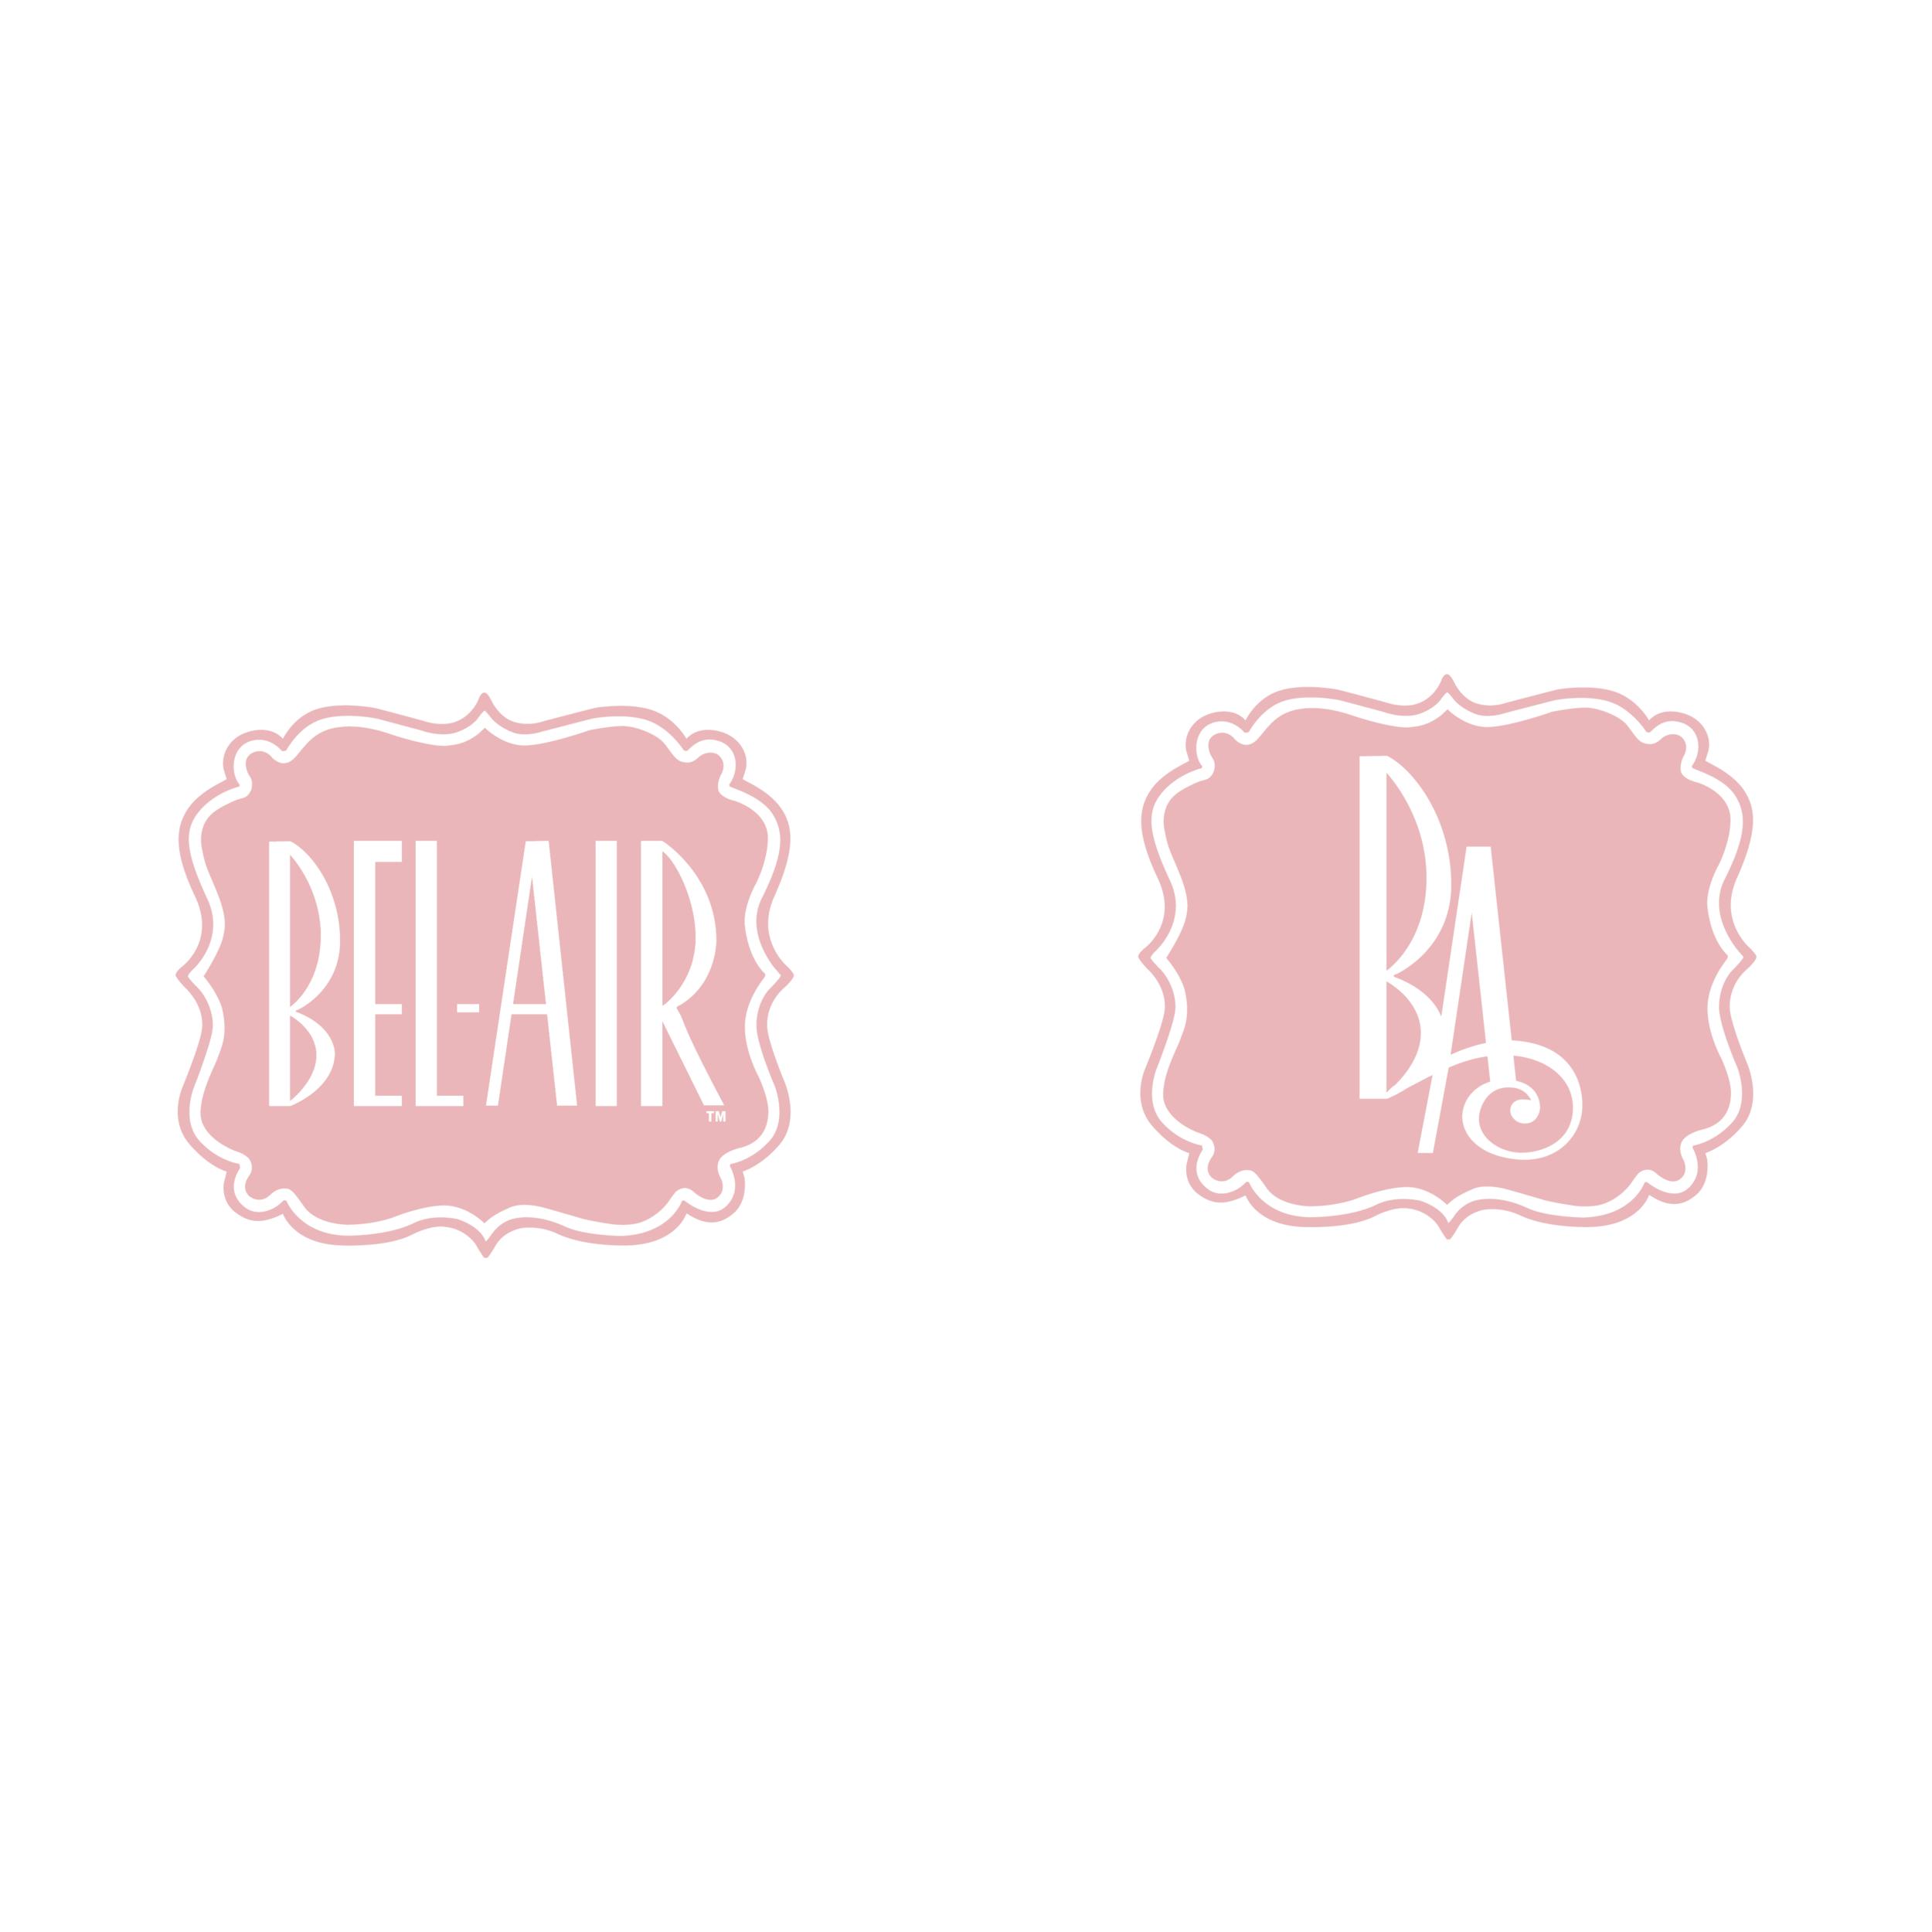 Bell-Air_LogoFINAL.png